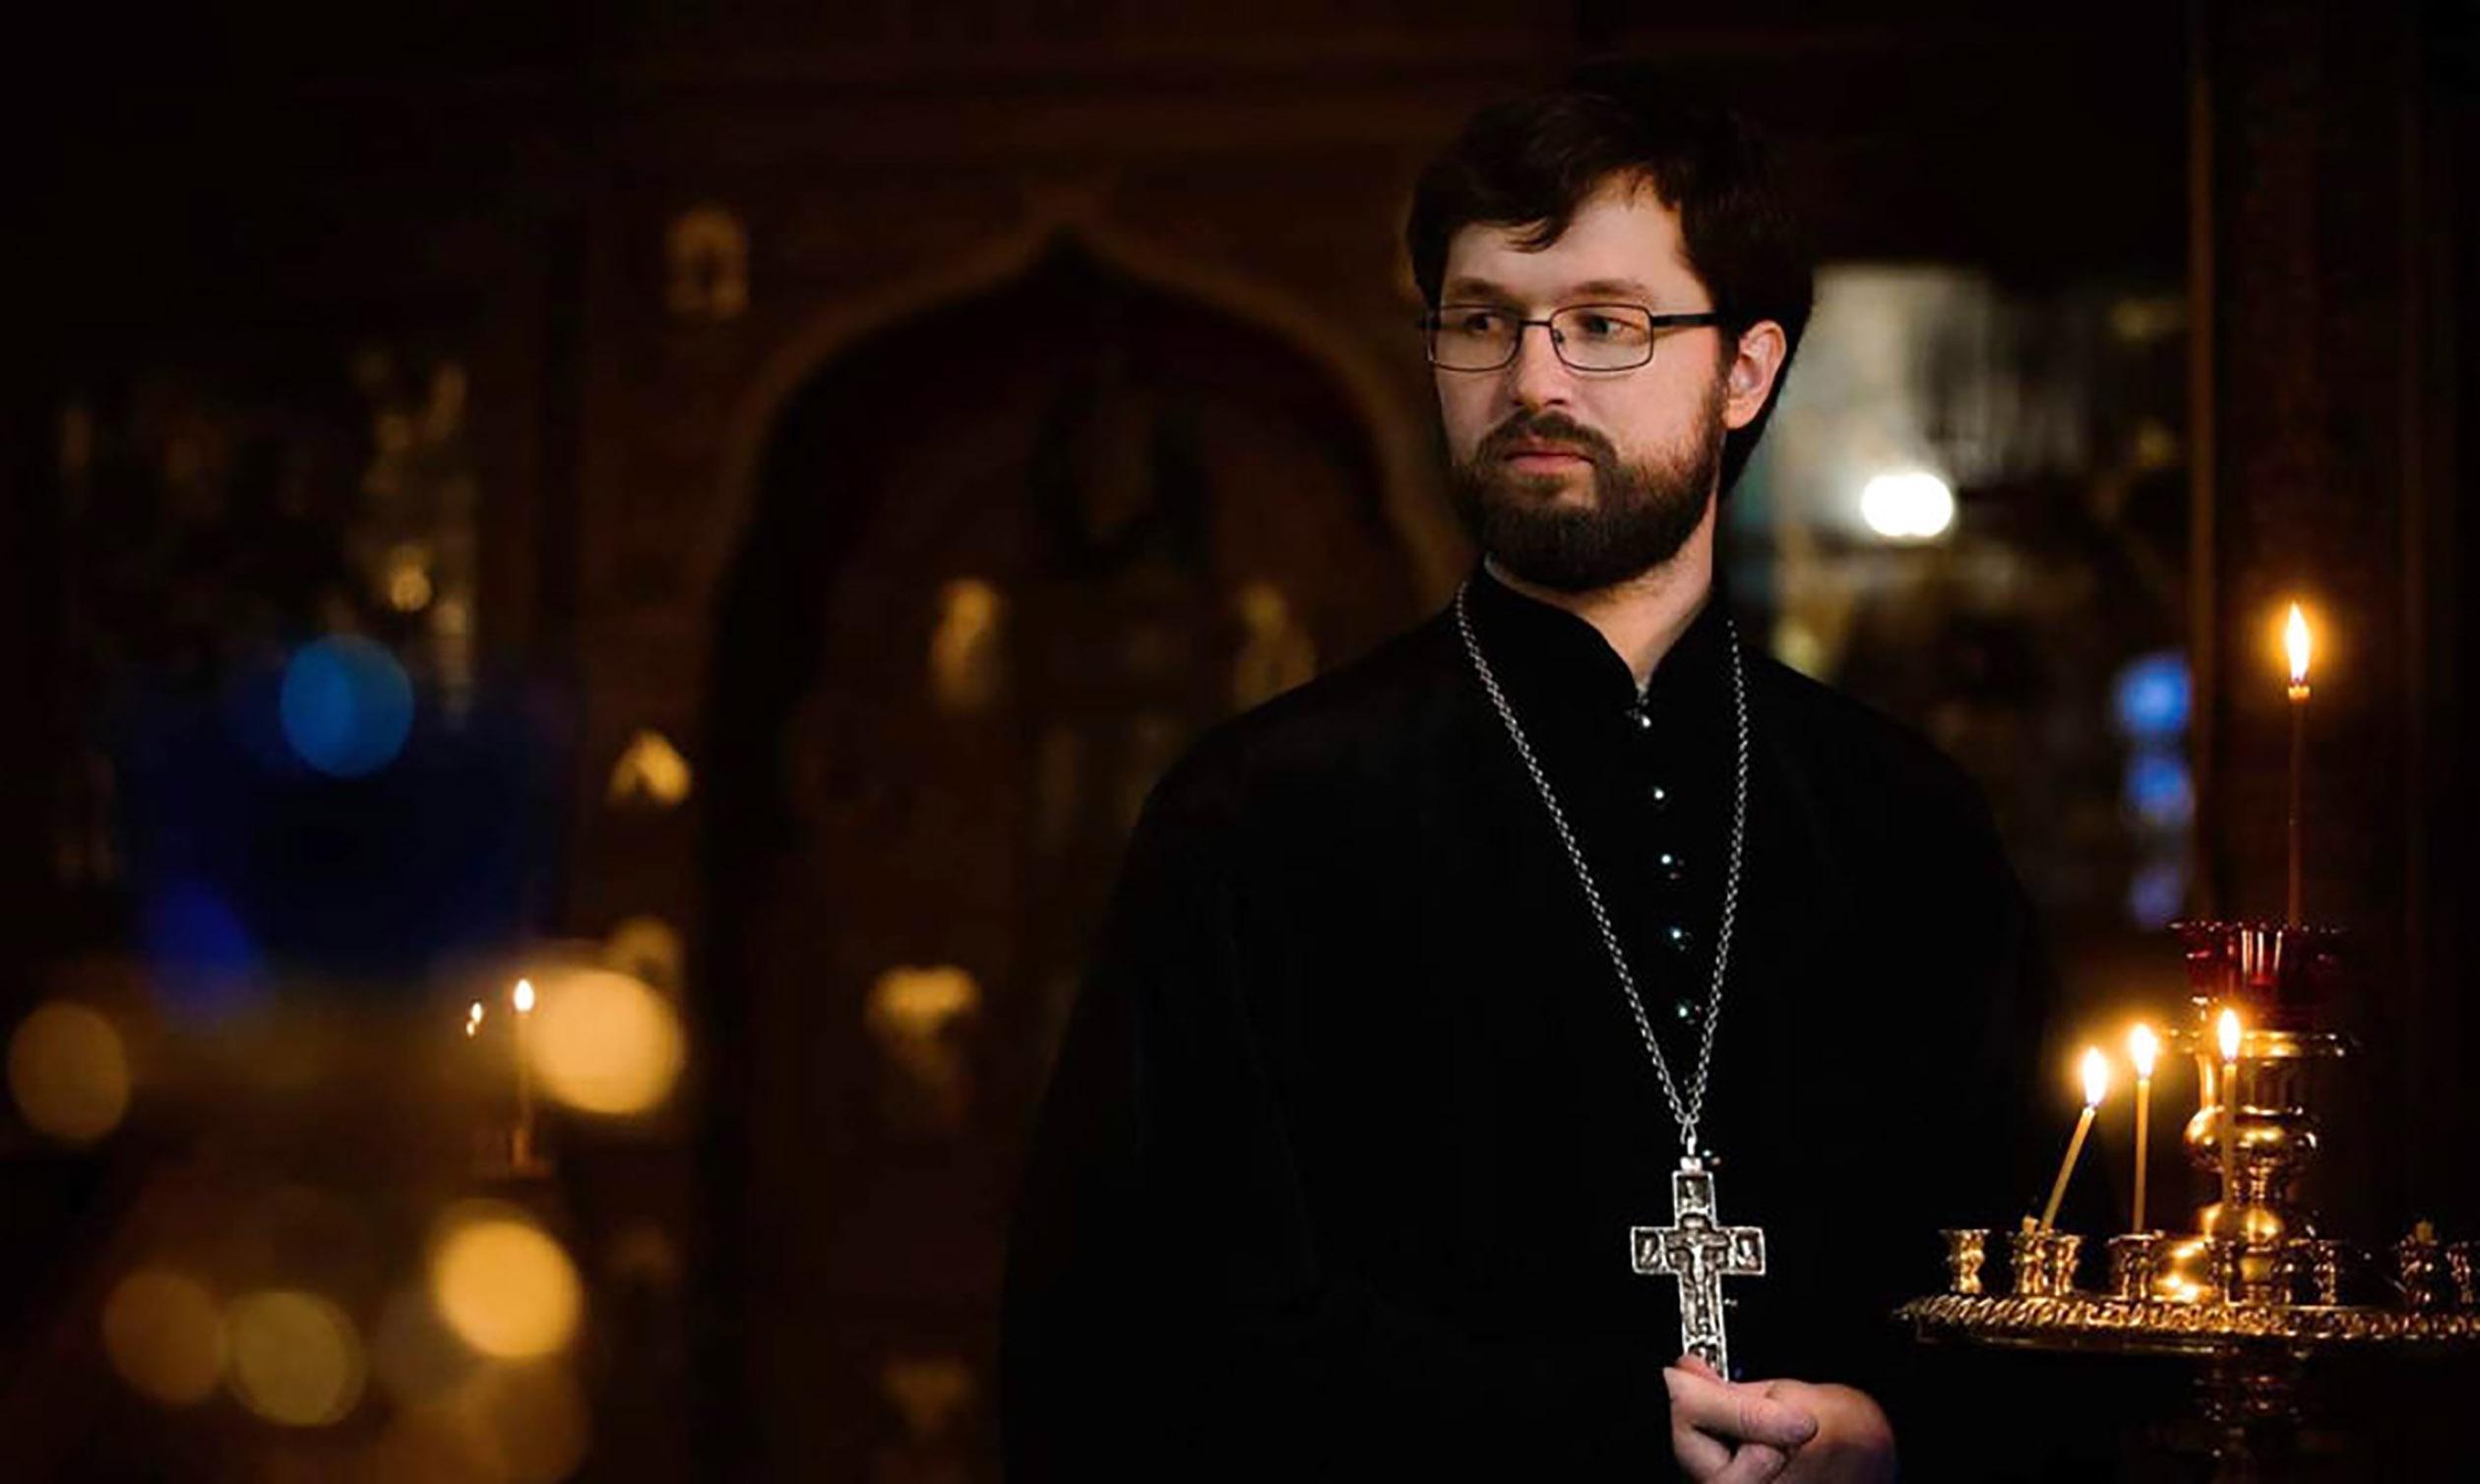 В эфире радио «Вера» в программе «Семейный час» иерей Александр Сатомский